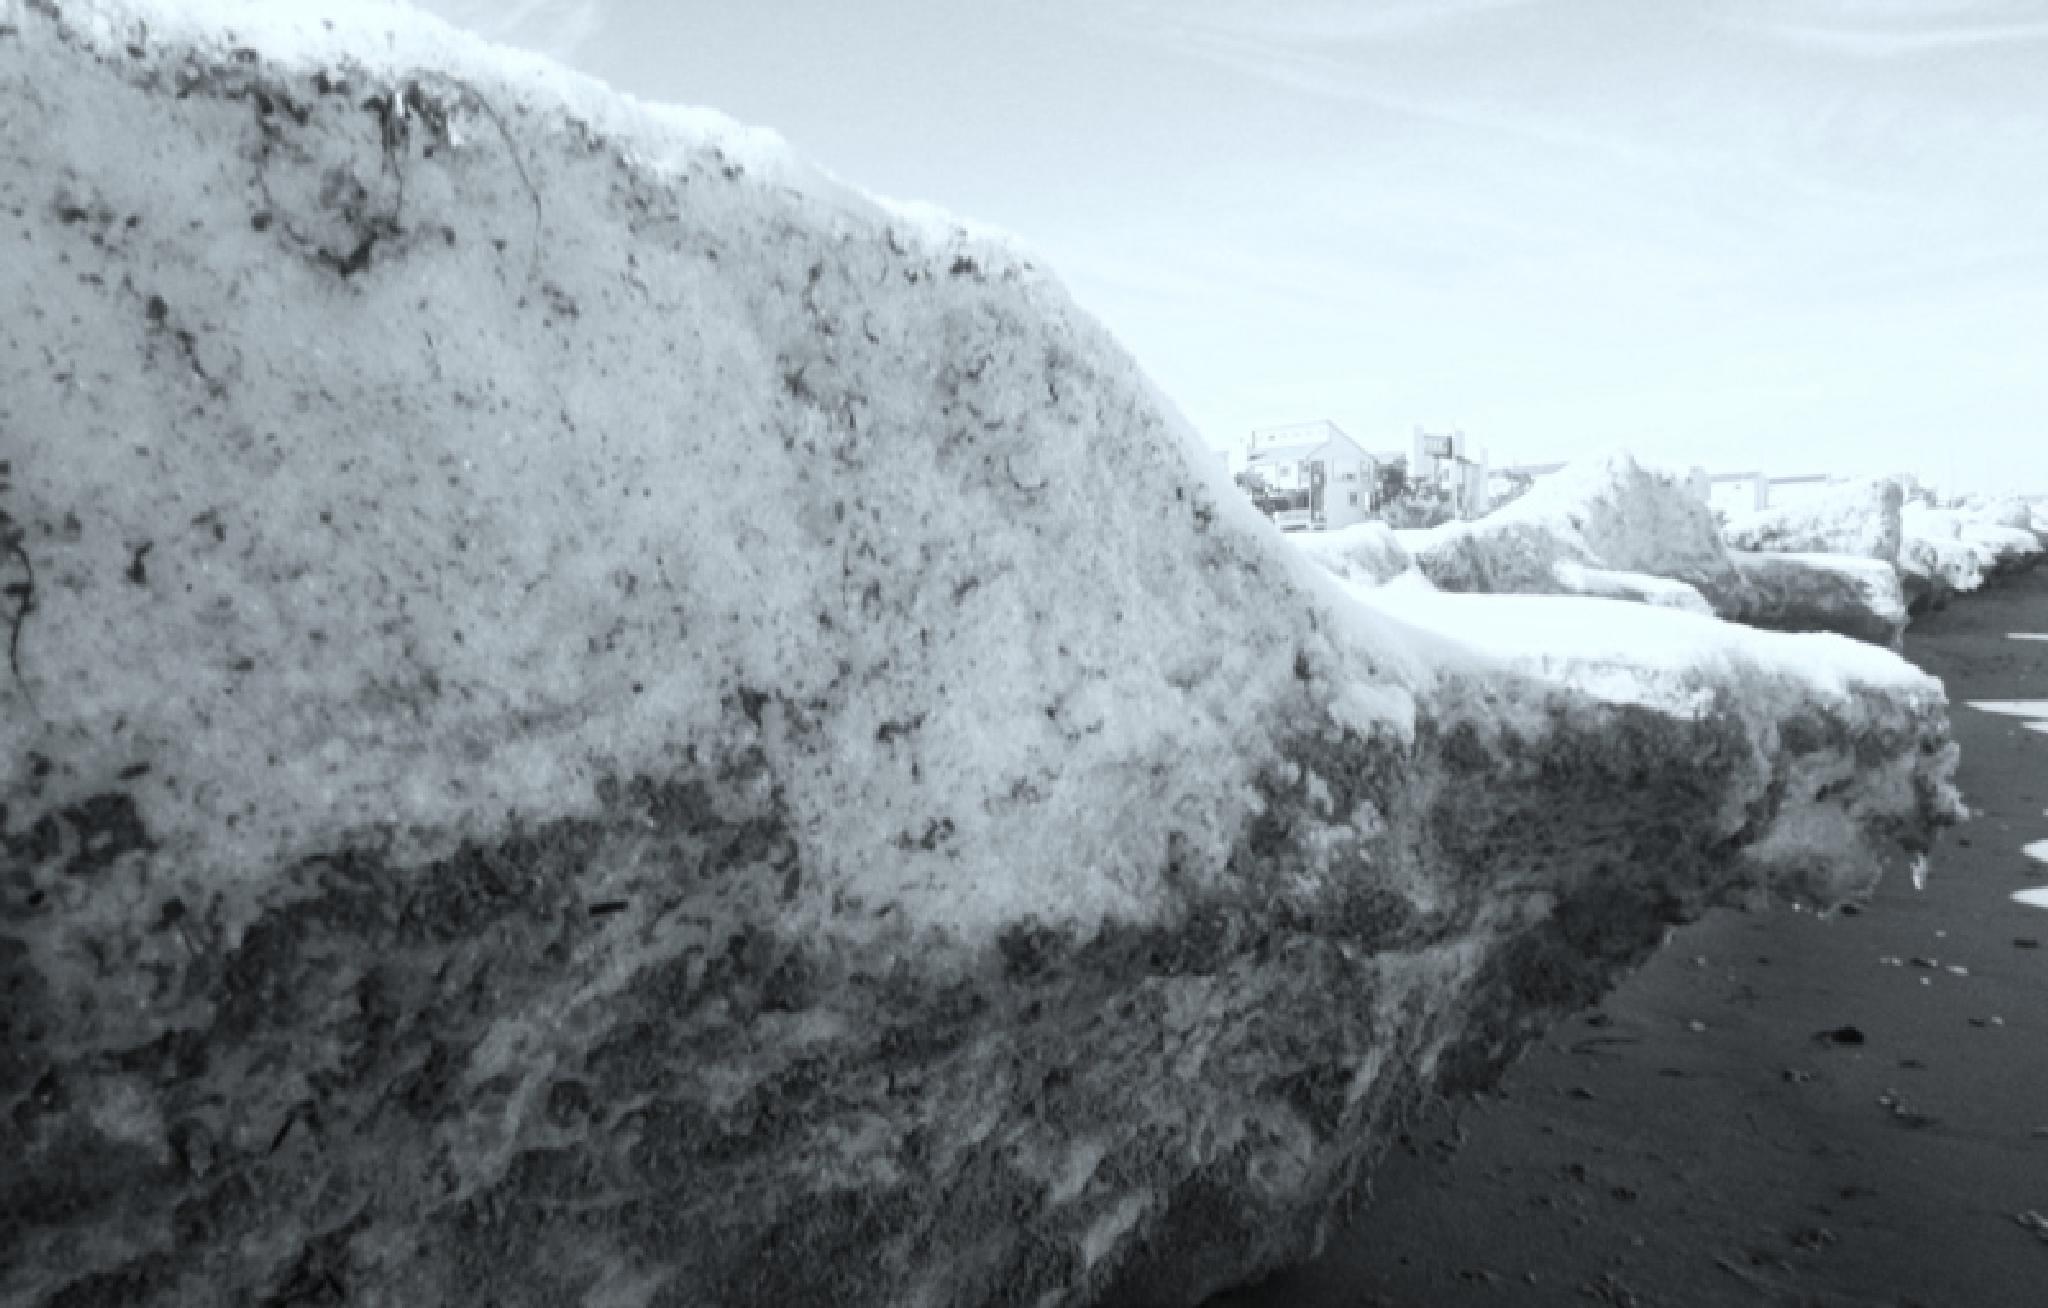 Snow on the Beach by lana.cezzar